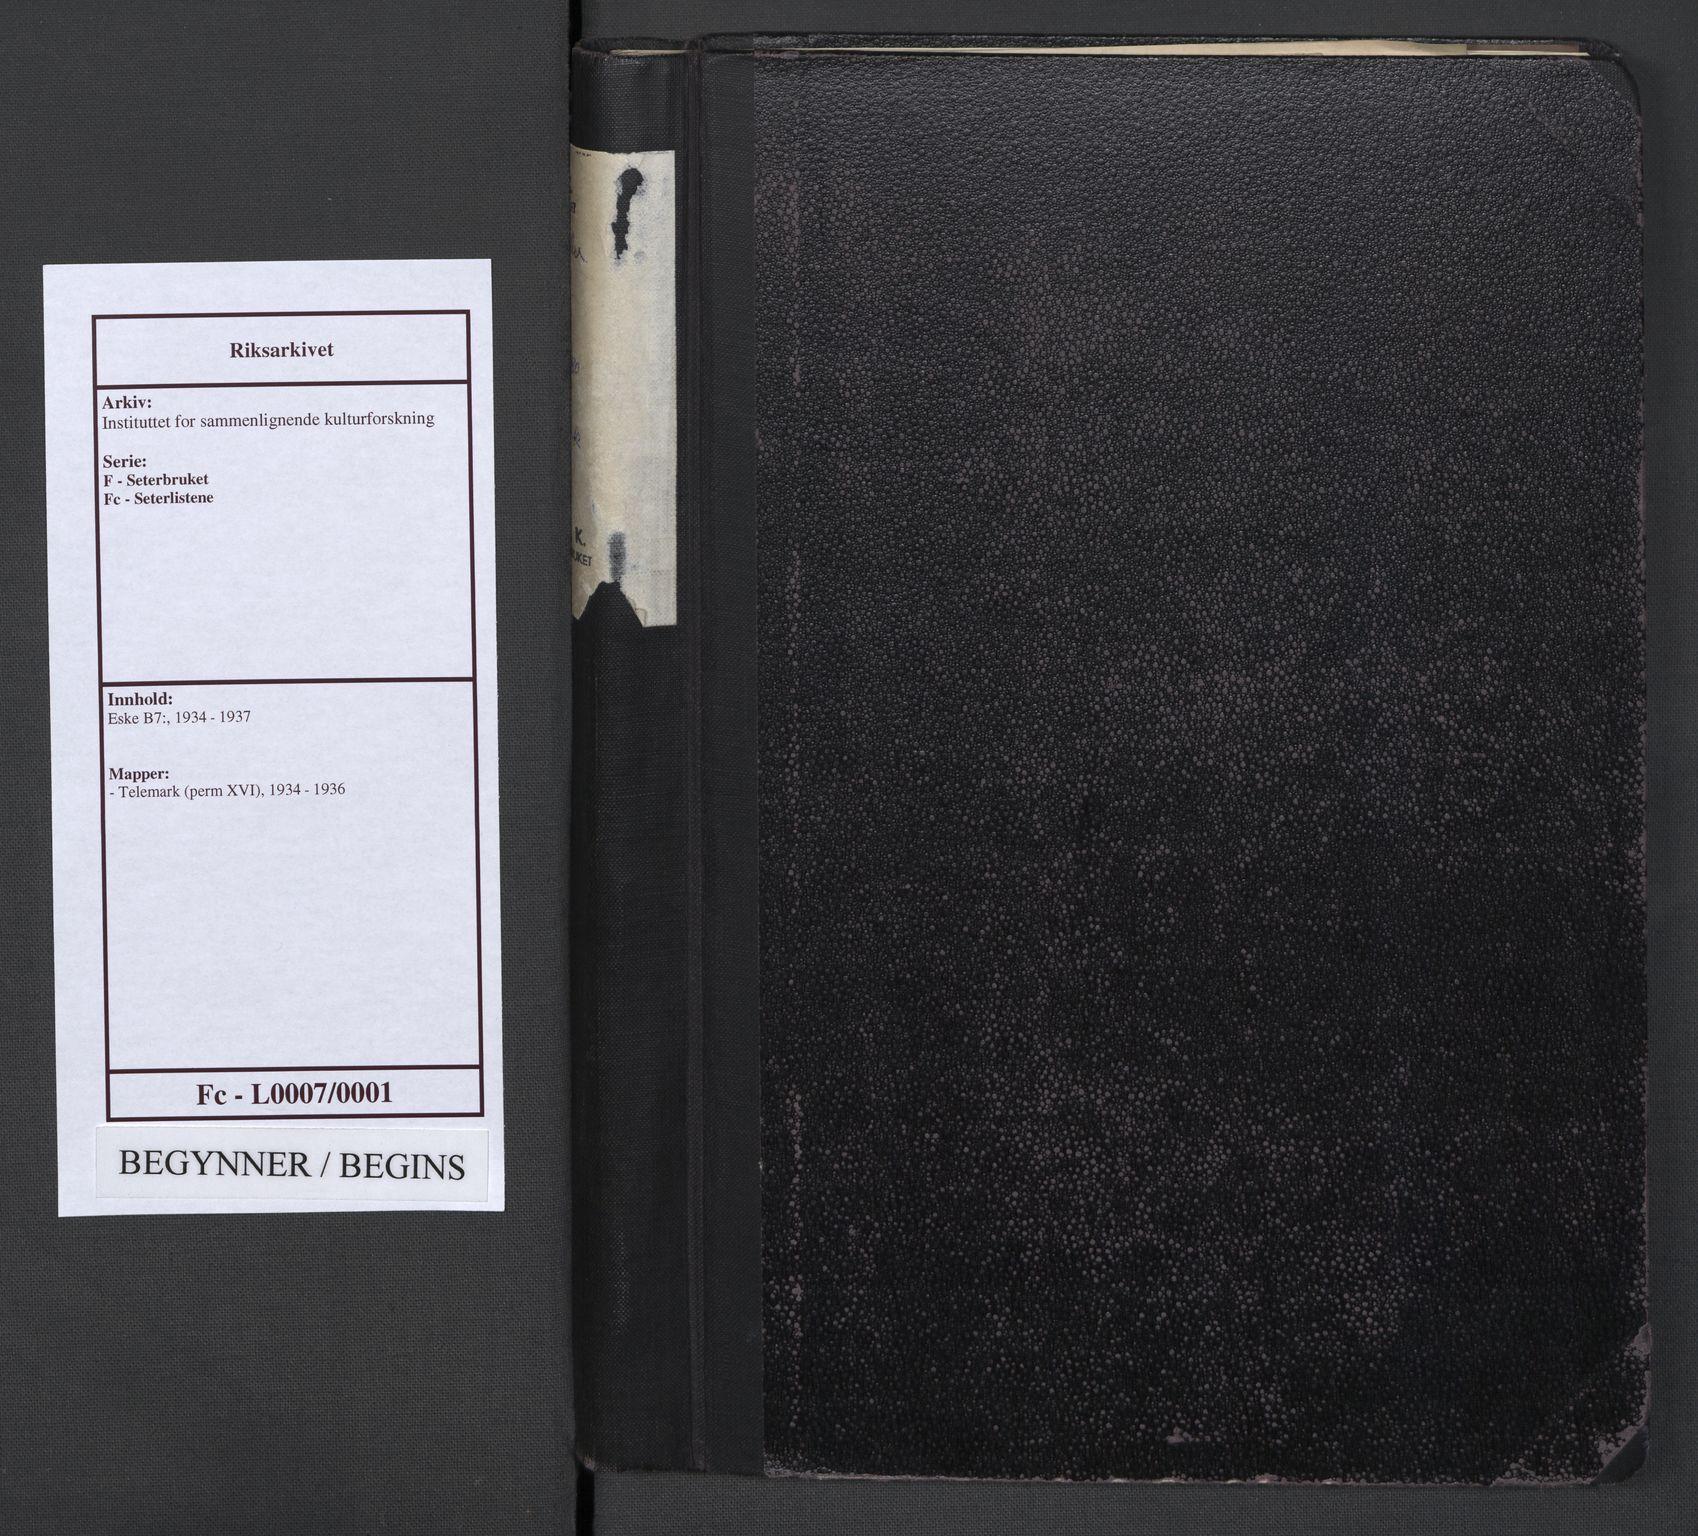 RA, Instituttet for sammenlignende kulturforskning, F/Fc/L0007: Eske B7:, 1934-1936, s. upaginert